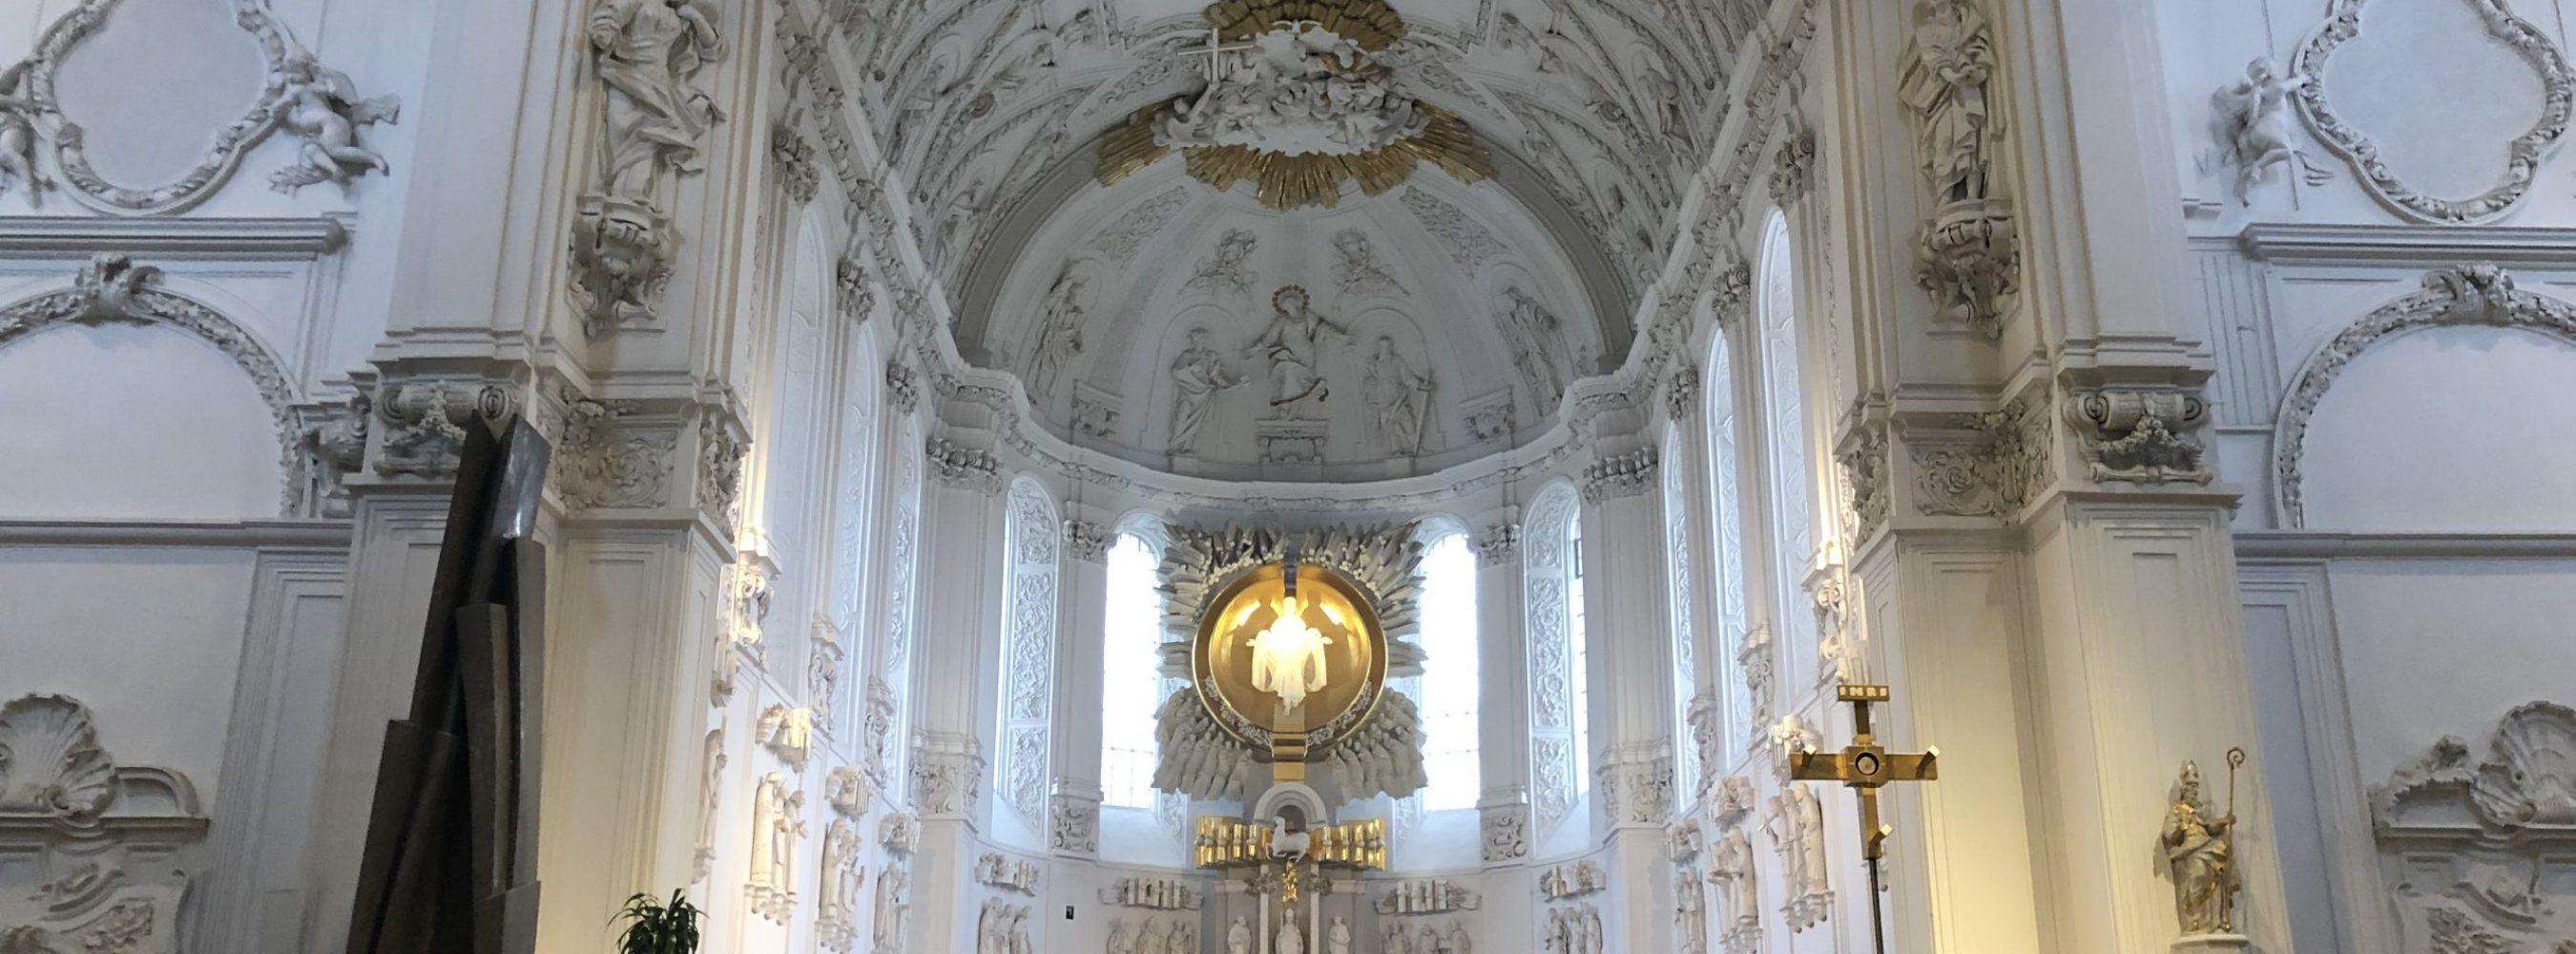 Würzburger Dom Altar